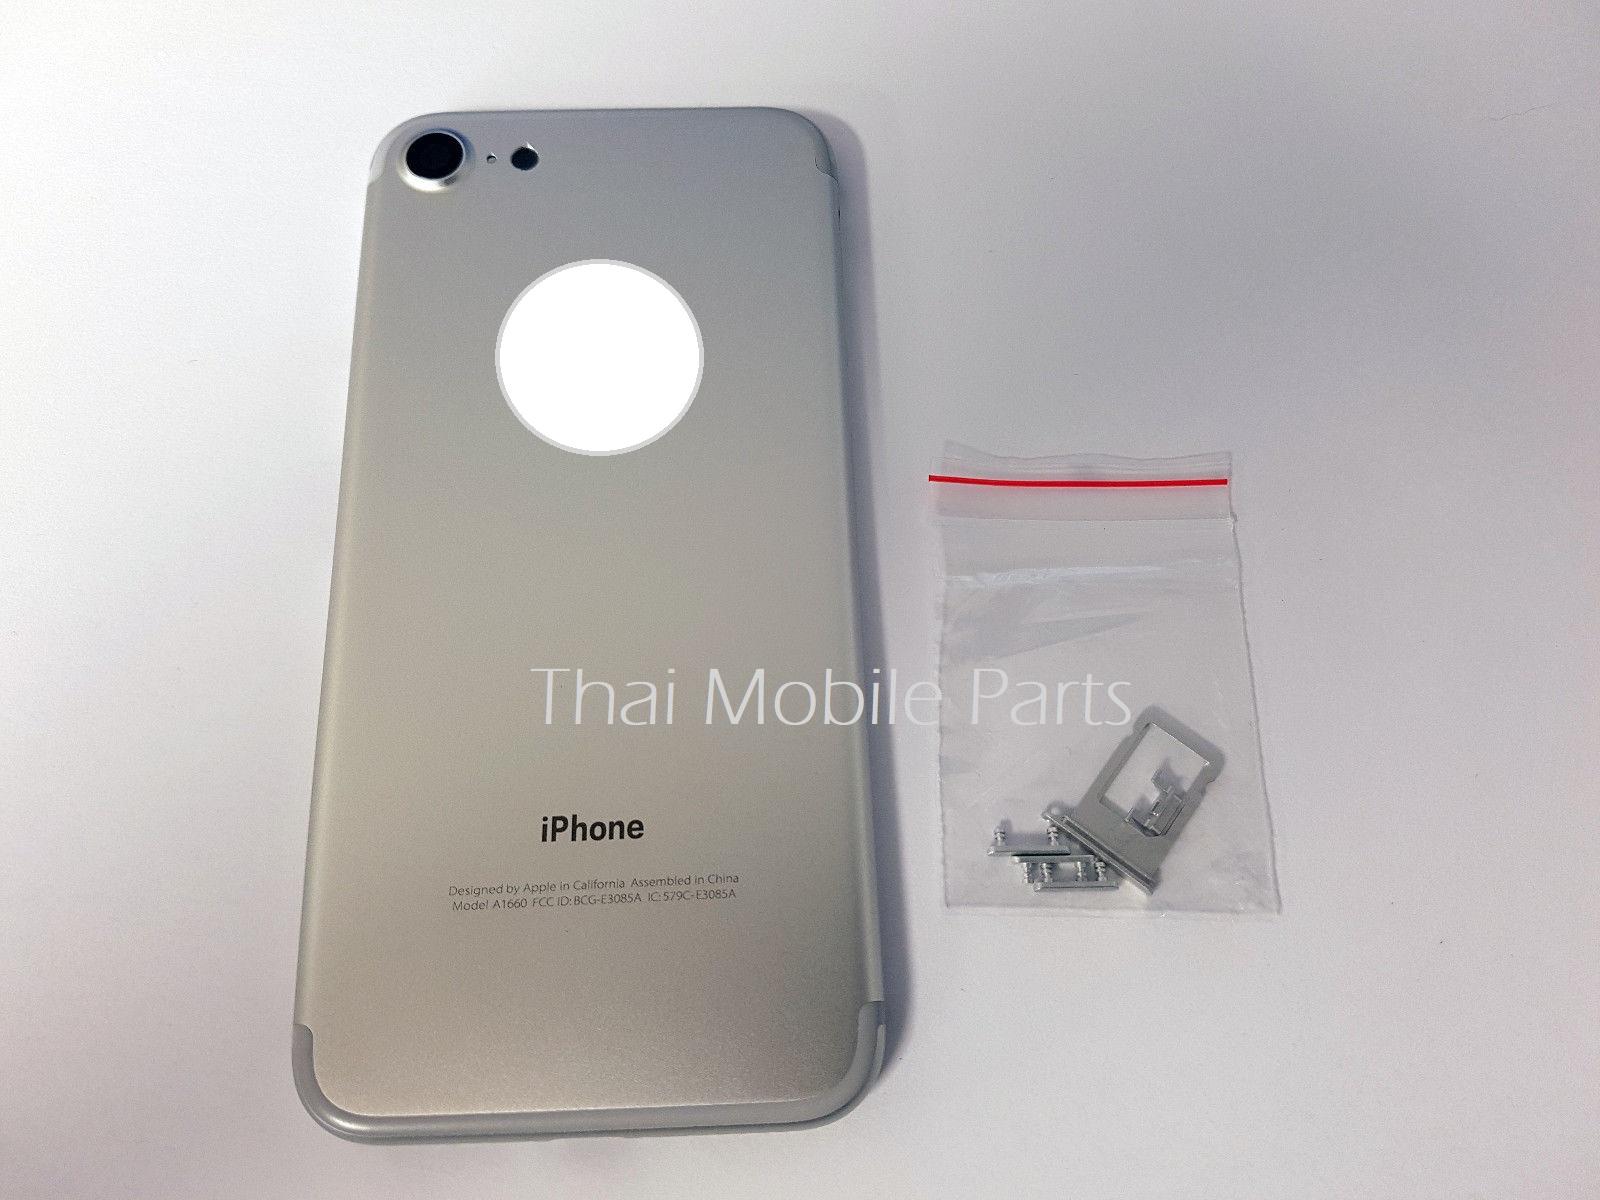 บอดี้ iPhone 7 สีขาว อะไหล่ไอโฟน อะไหล่ iPhone